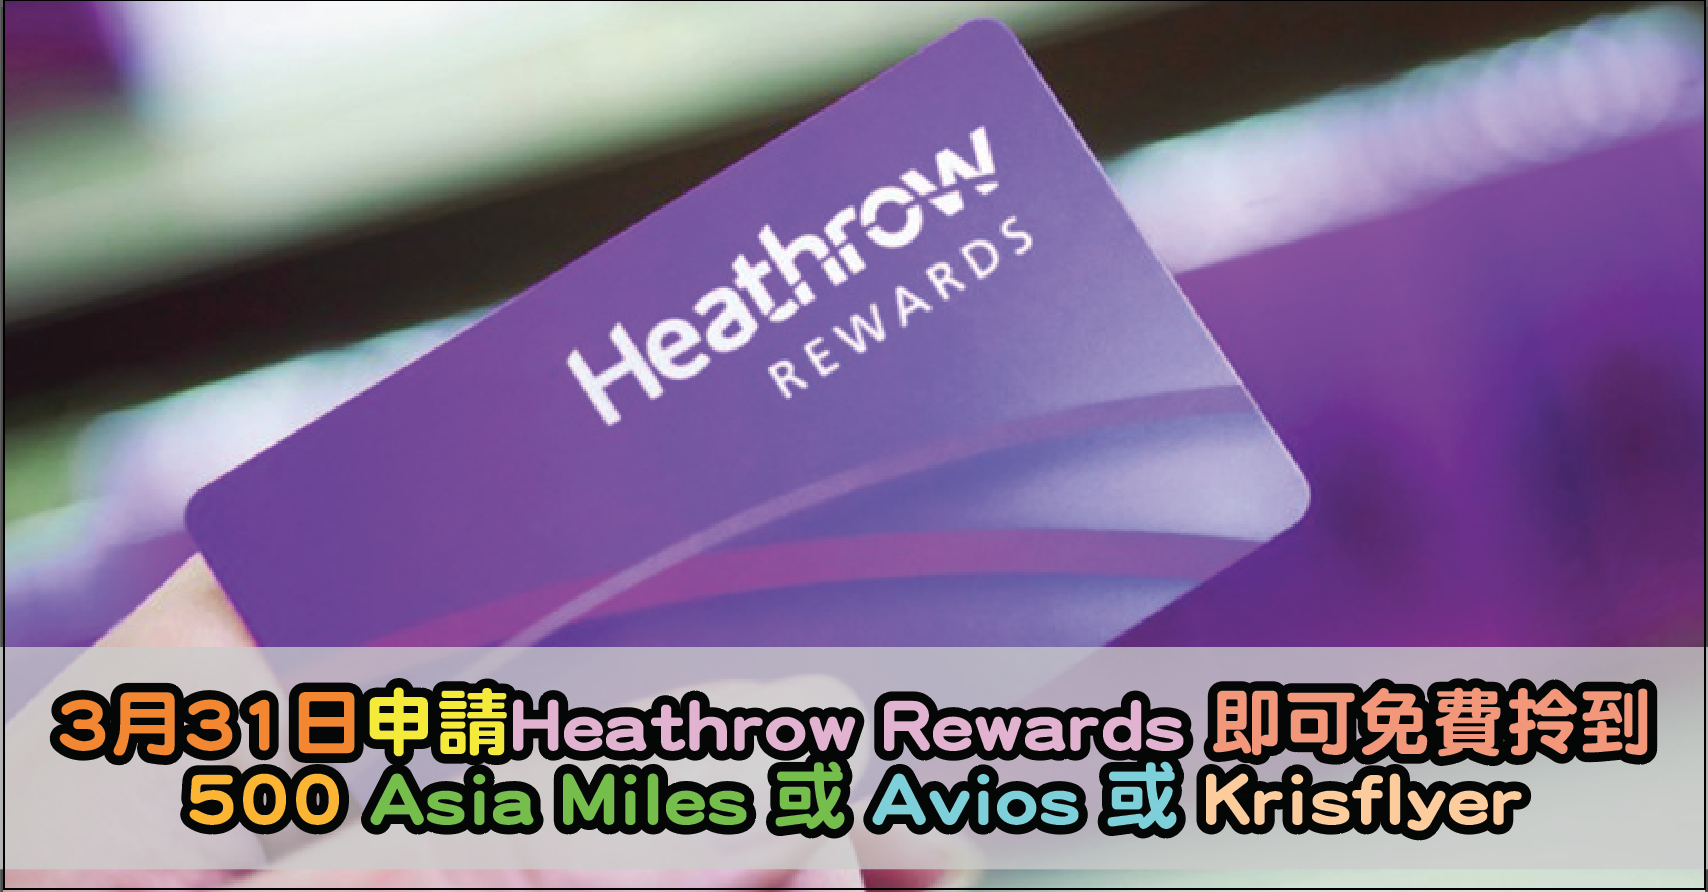 (睇黎太多人申請!系統死了!玩完!) 快手!3月31日申請Heathrow Rewards 即可免費拎到500 Asia Miles 或 Avios 或 Krisflyer!